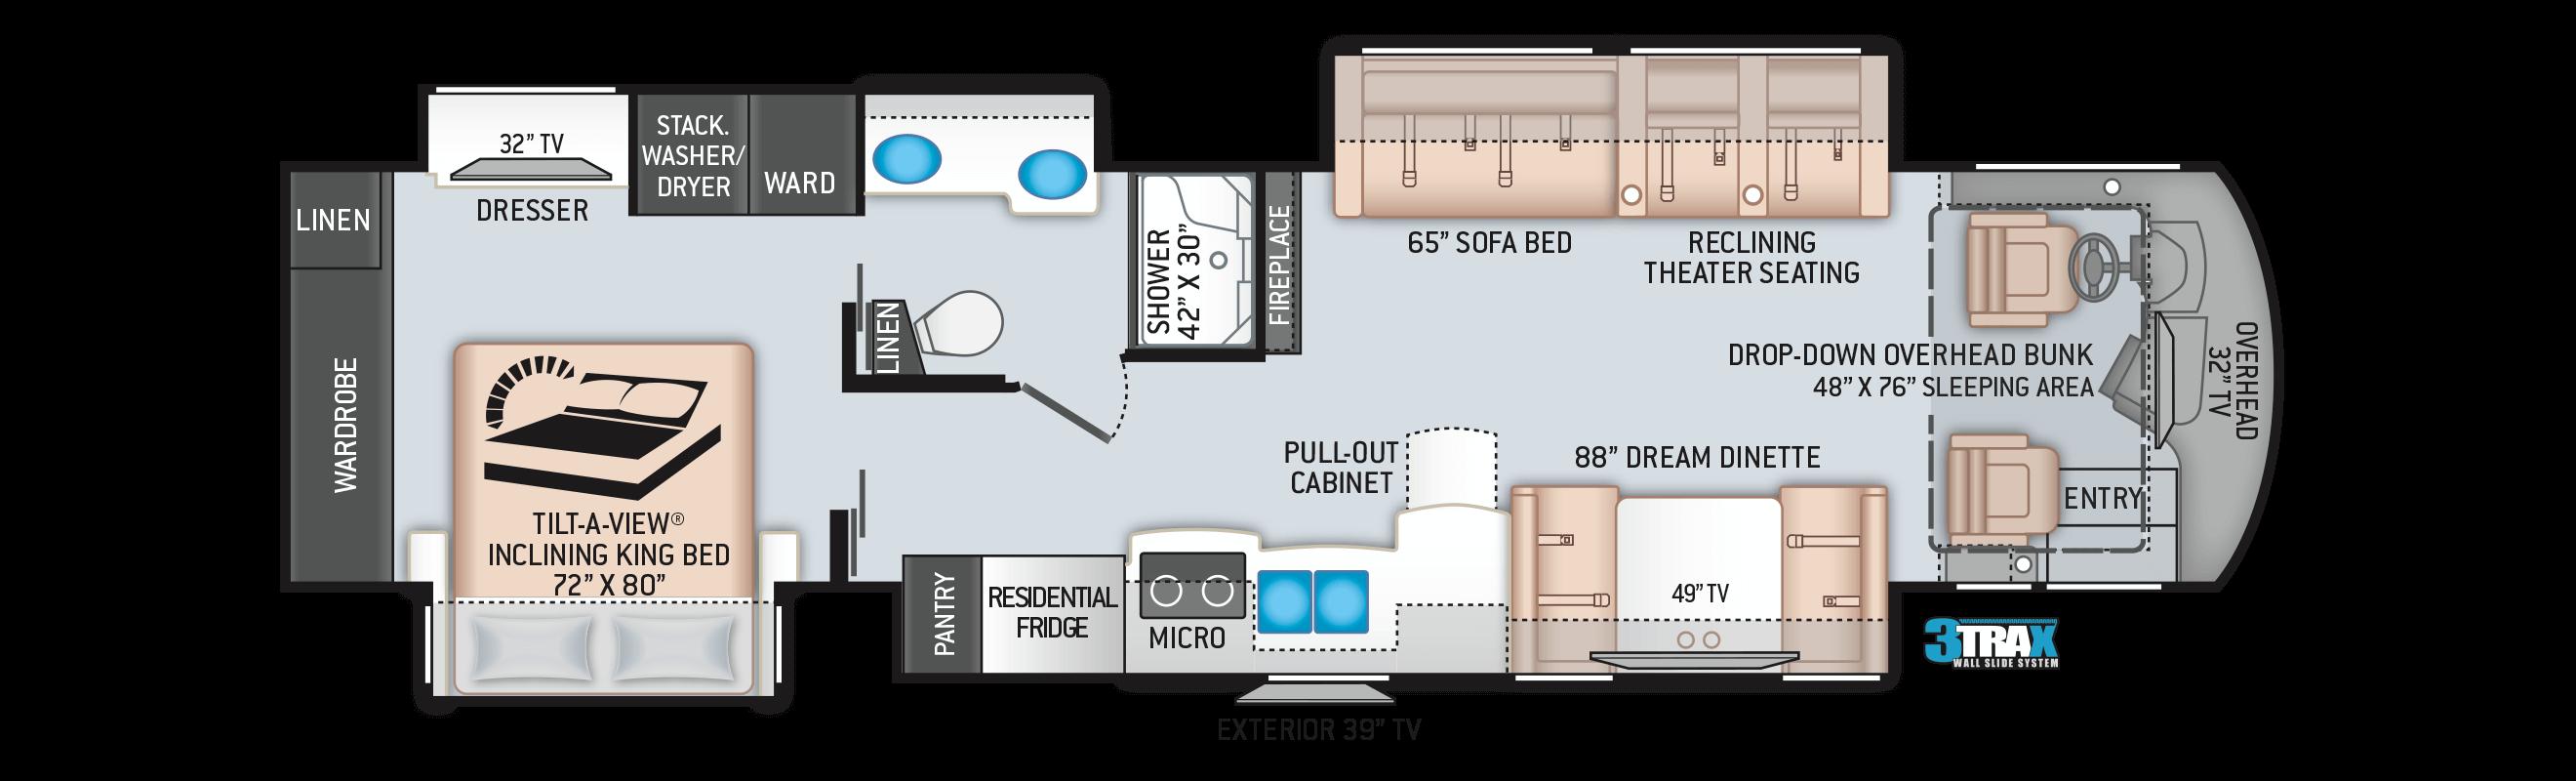 Aria 3902 diesel pusher floor plan